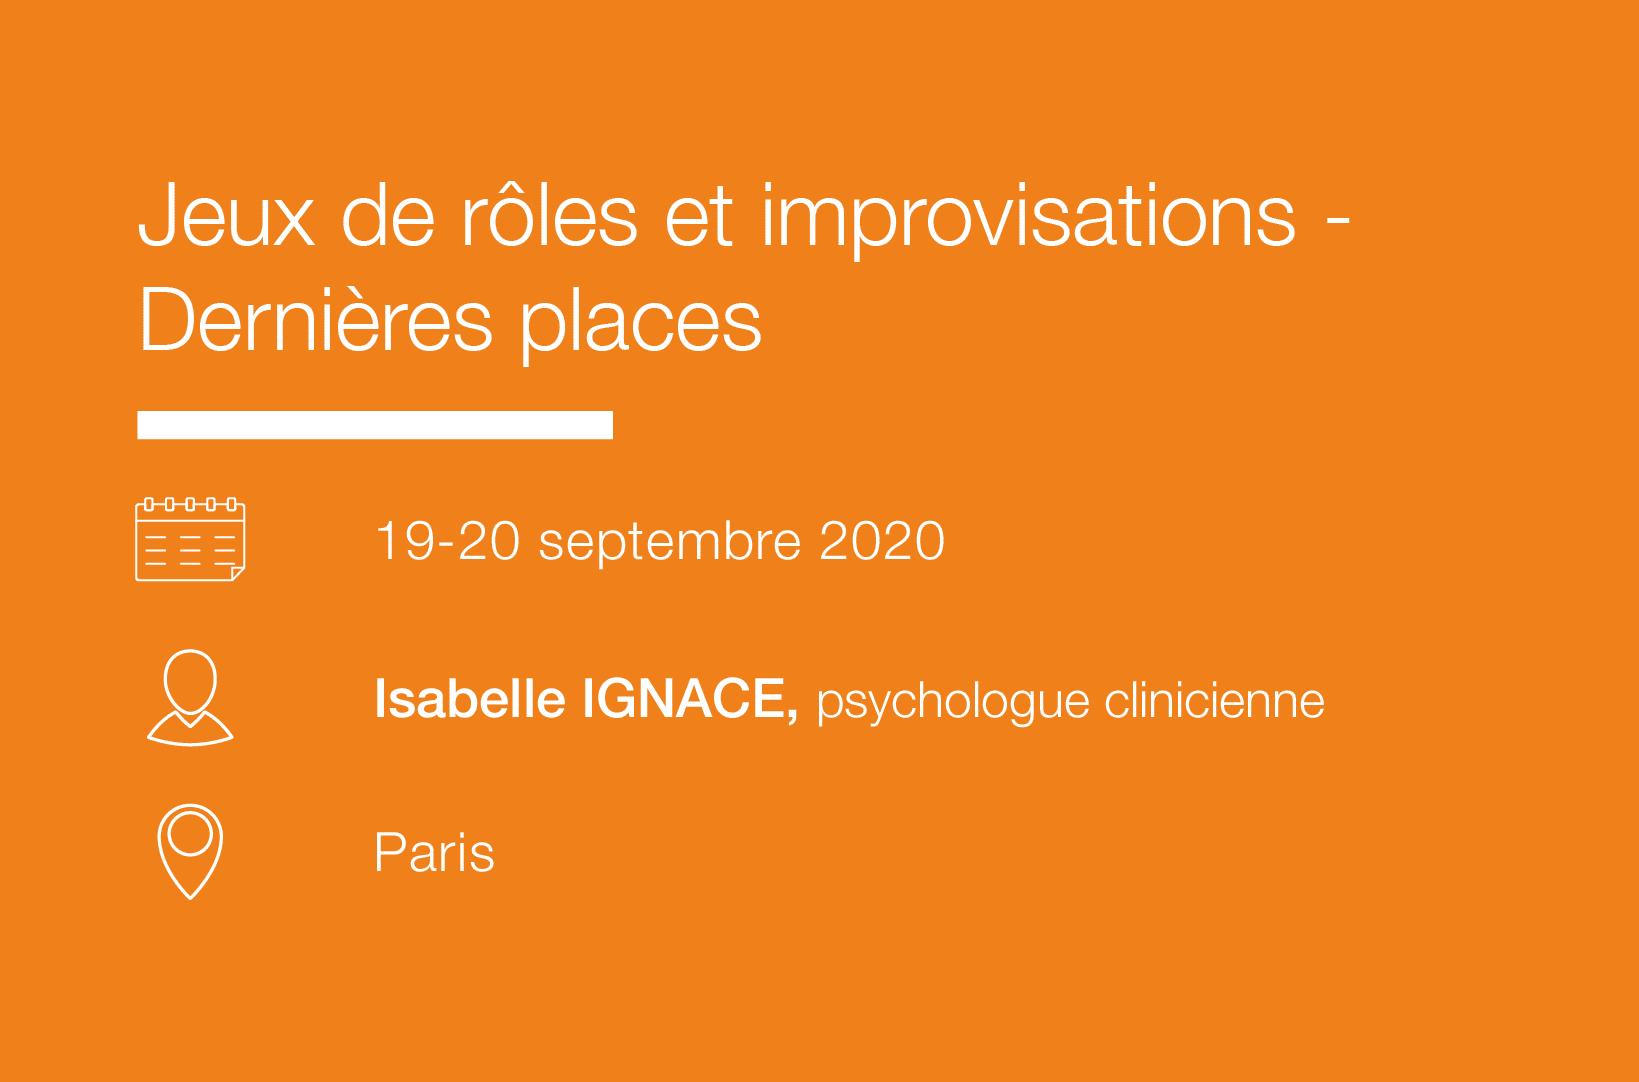 Seminaire Jeux de roles et improvisations - IFH